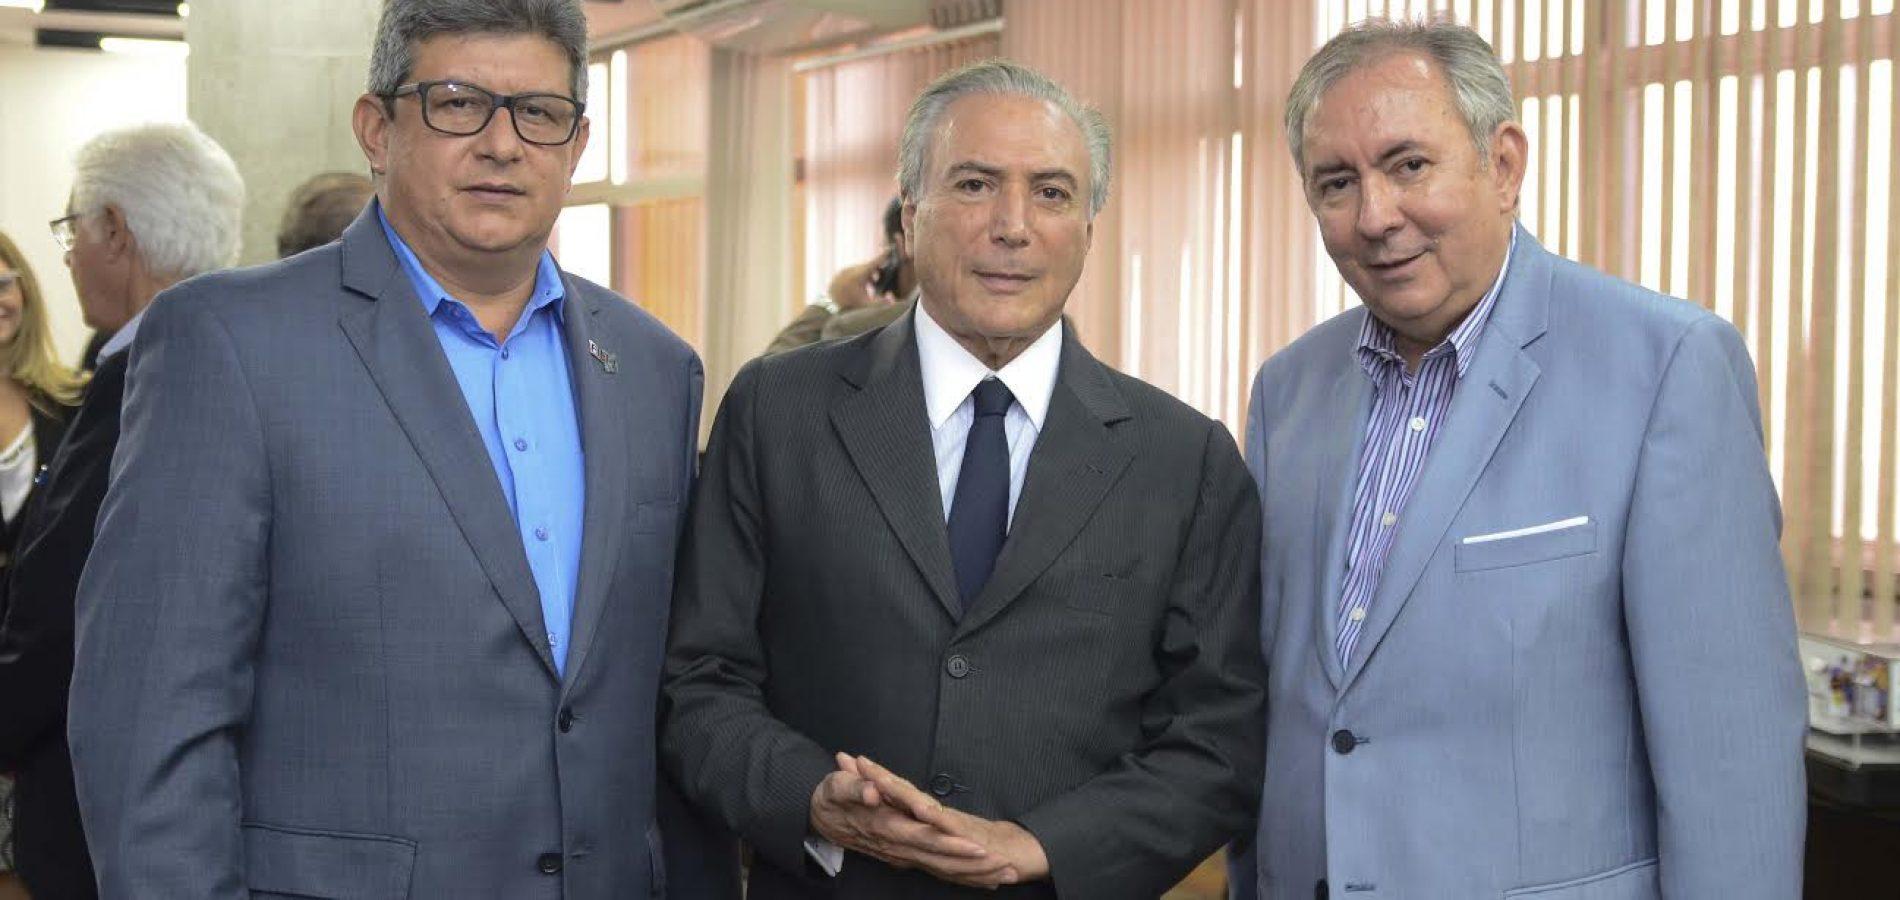 Zé Filho e João Henrique têm audiência marcada com Michel Temer